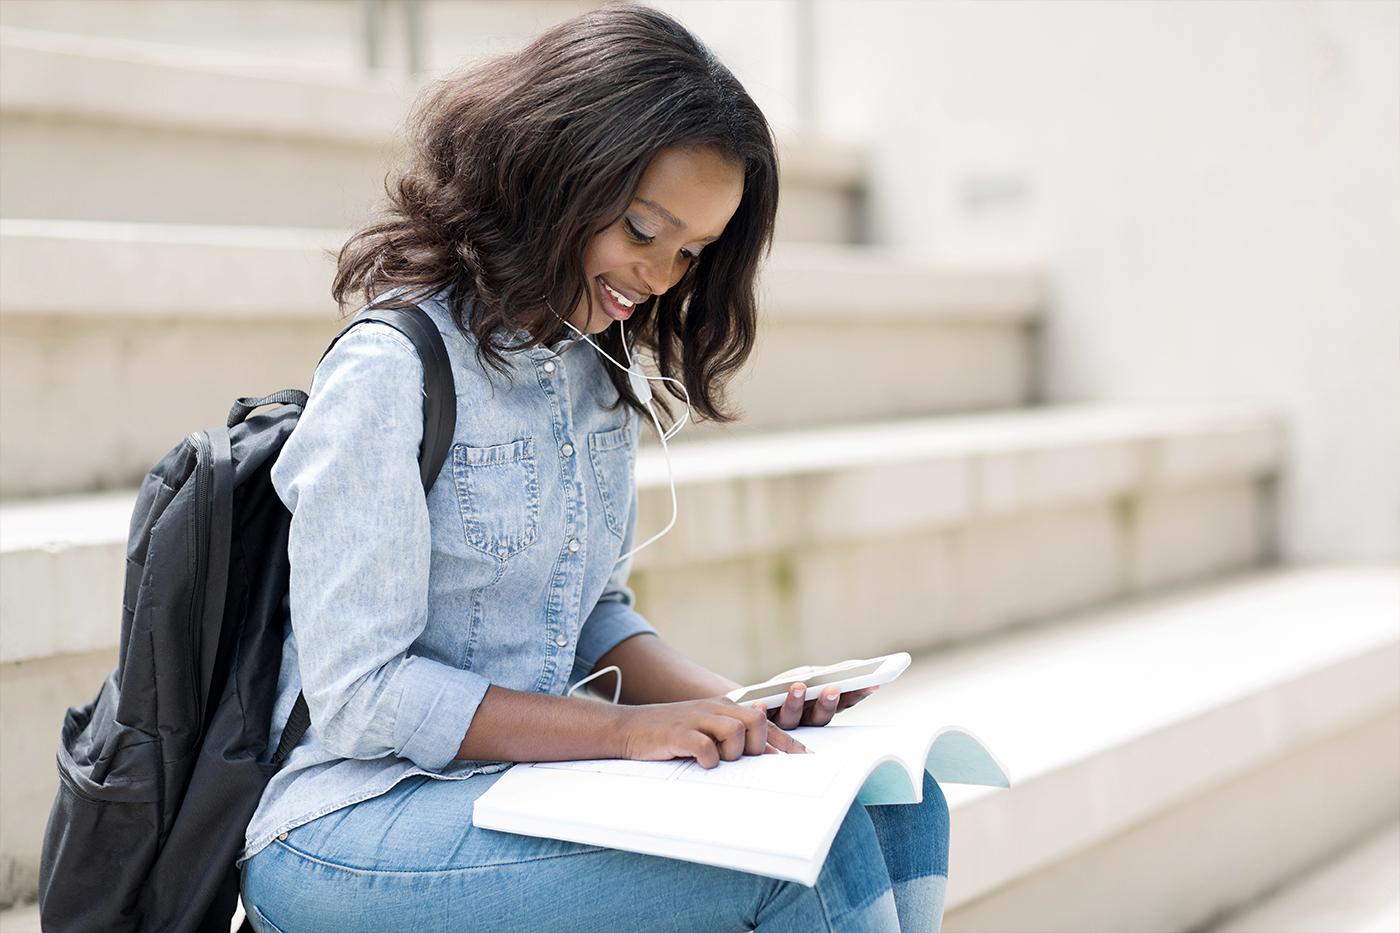 Studentin in Jeans mit Rucksack auf Treppe mit Handy, Kopfhörer und Buch im Freien